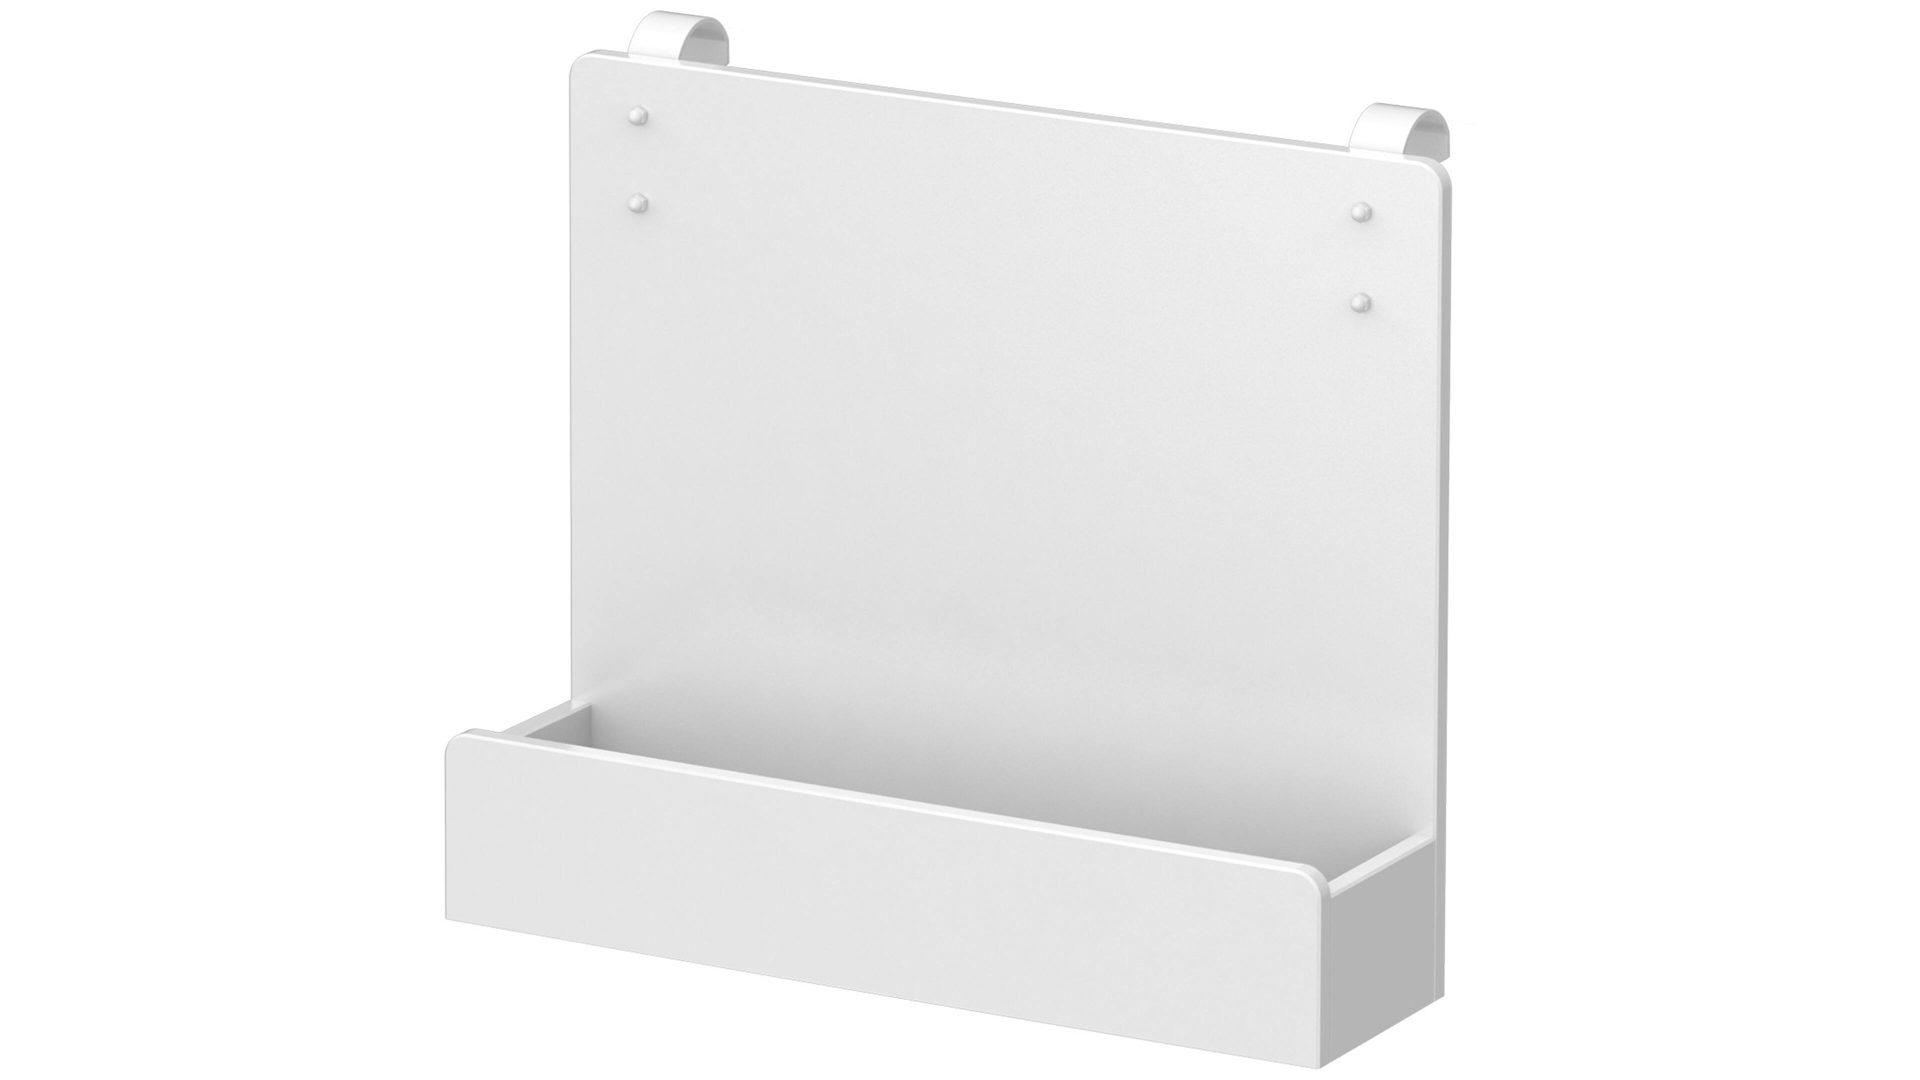 Bezaubernd Flexa Hochbett Ideen Von Regal Aus Holz In Weiß Clickon Regal